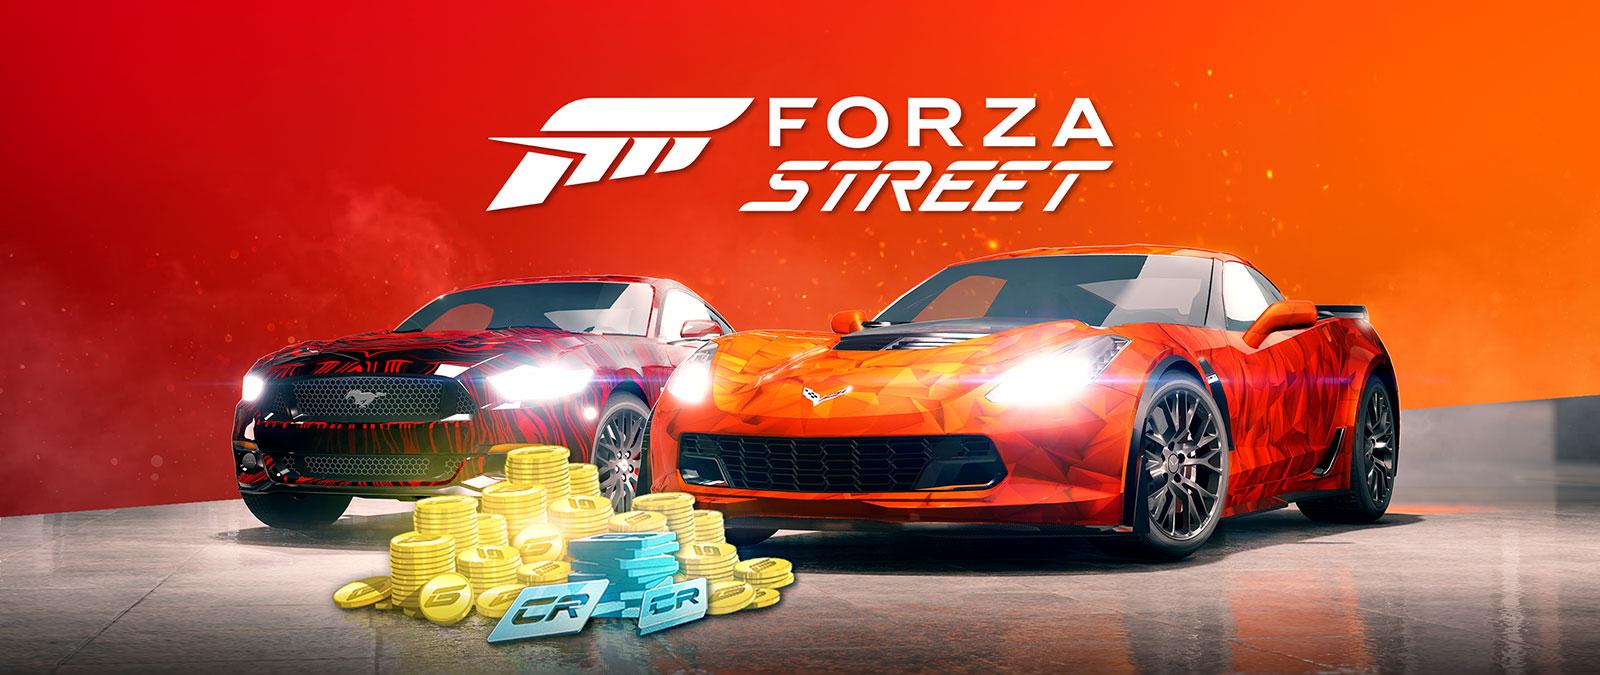 Logo de Forza Street, Ford Mustang2015 et Corvette Z06 C72015 avec pièces d'or et crédits